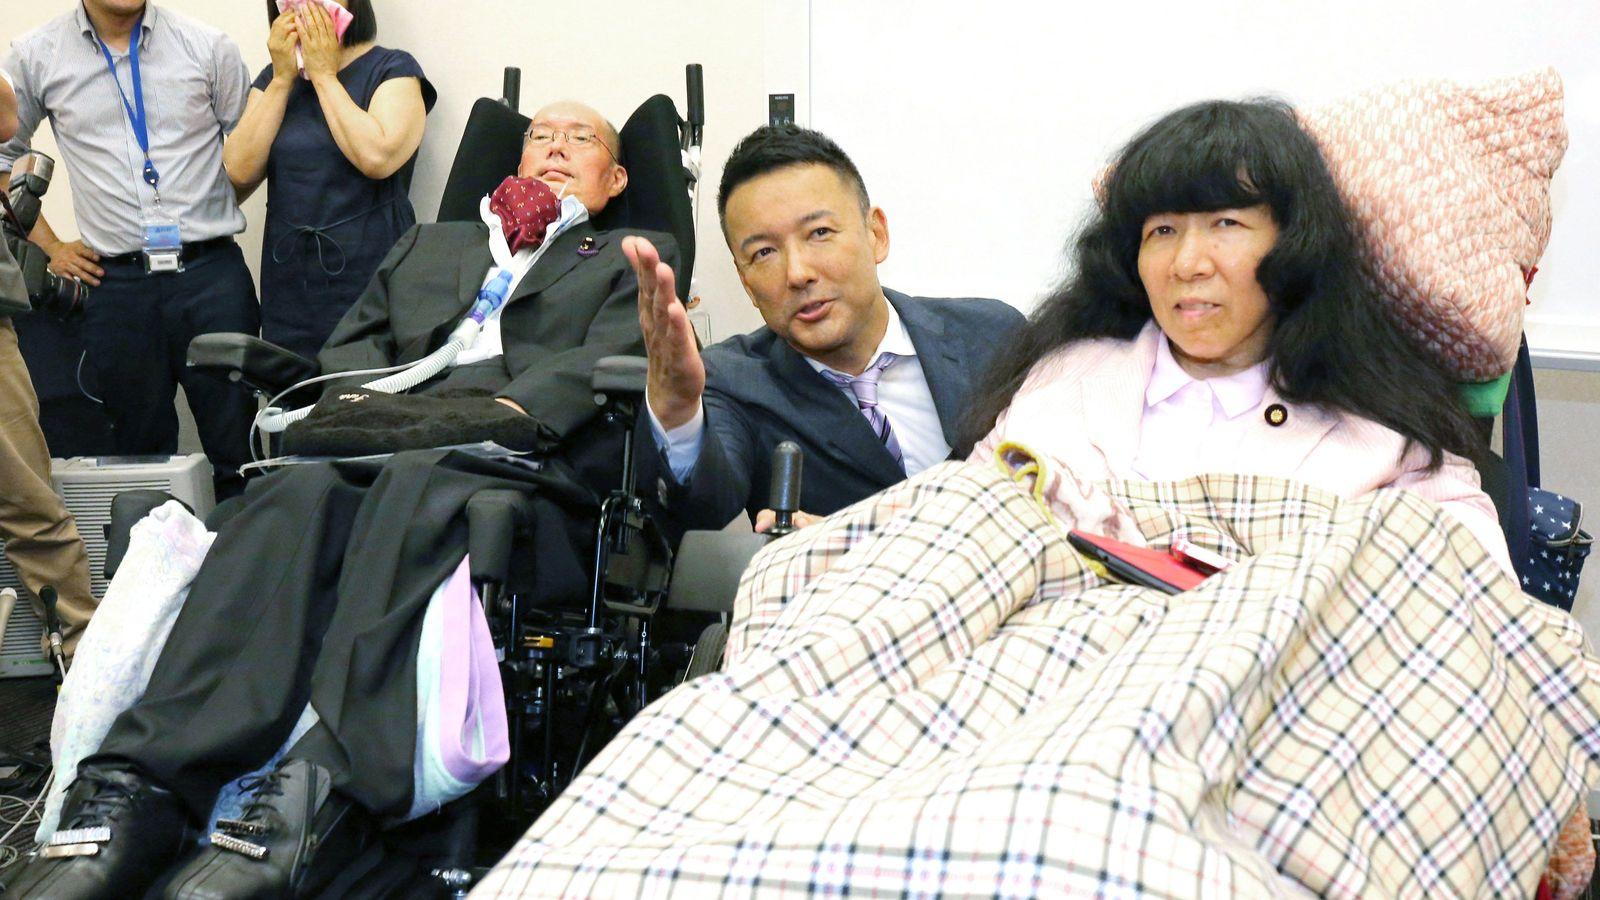 枝野氏も豹変させた山本太郎の圧倒的な存在感 密かに進む「野党結集」の中心か